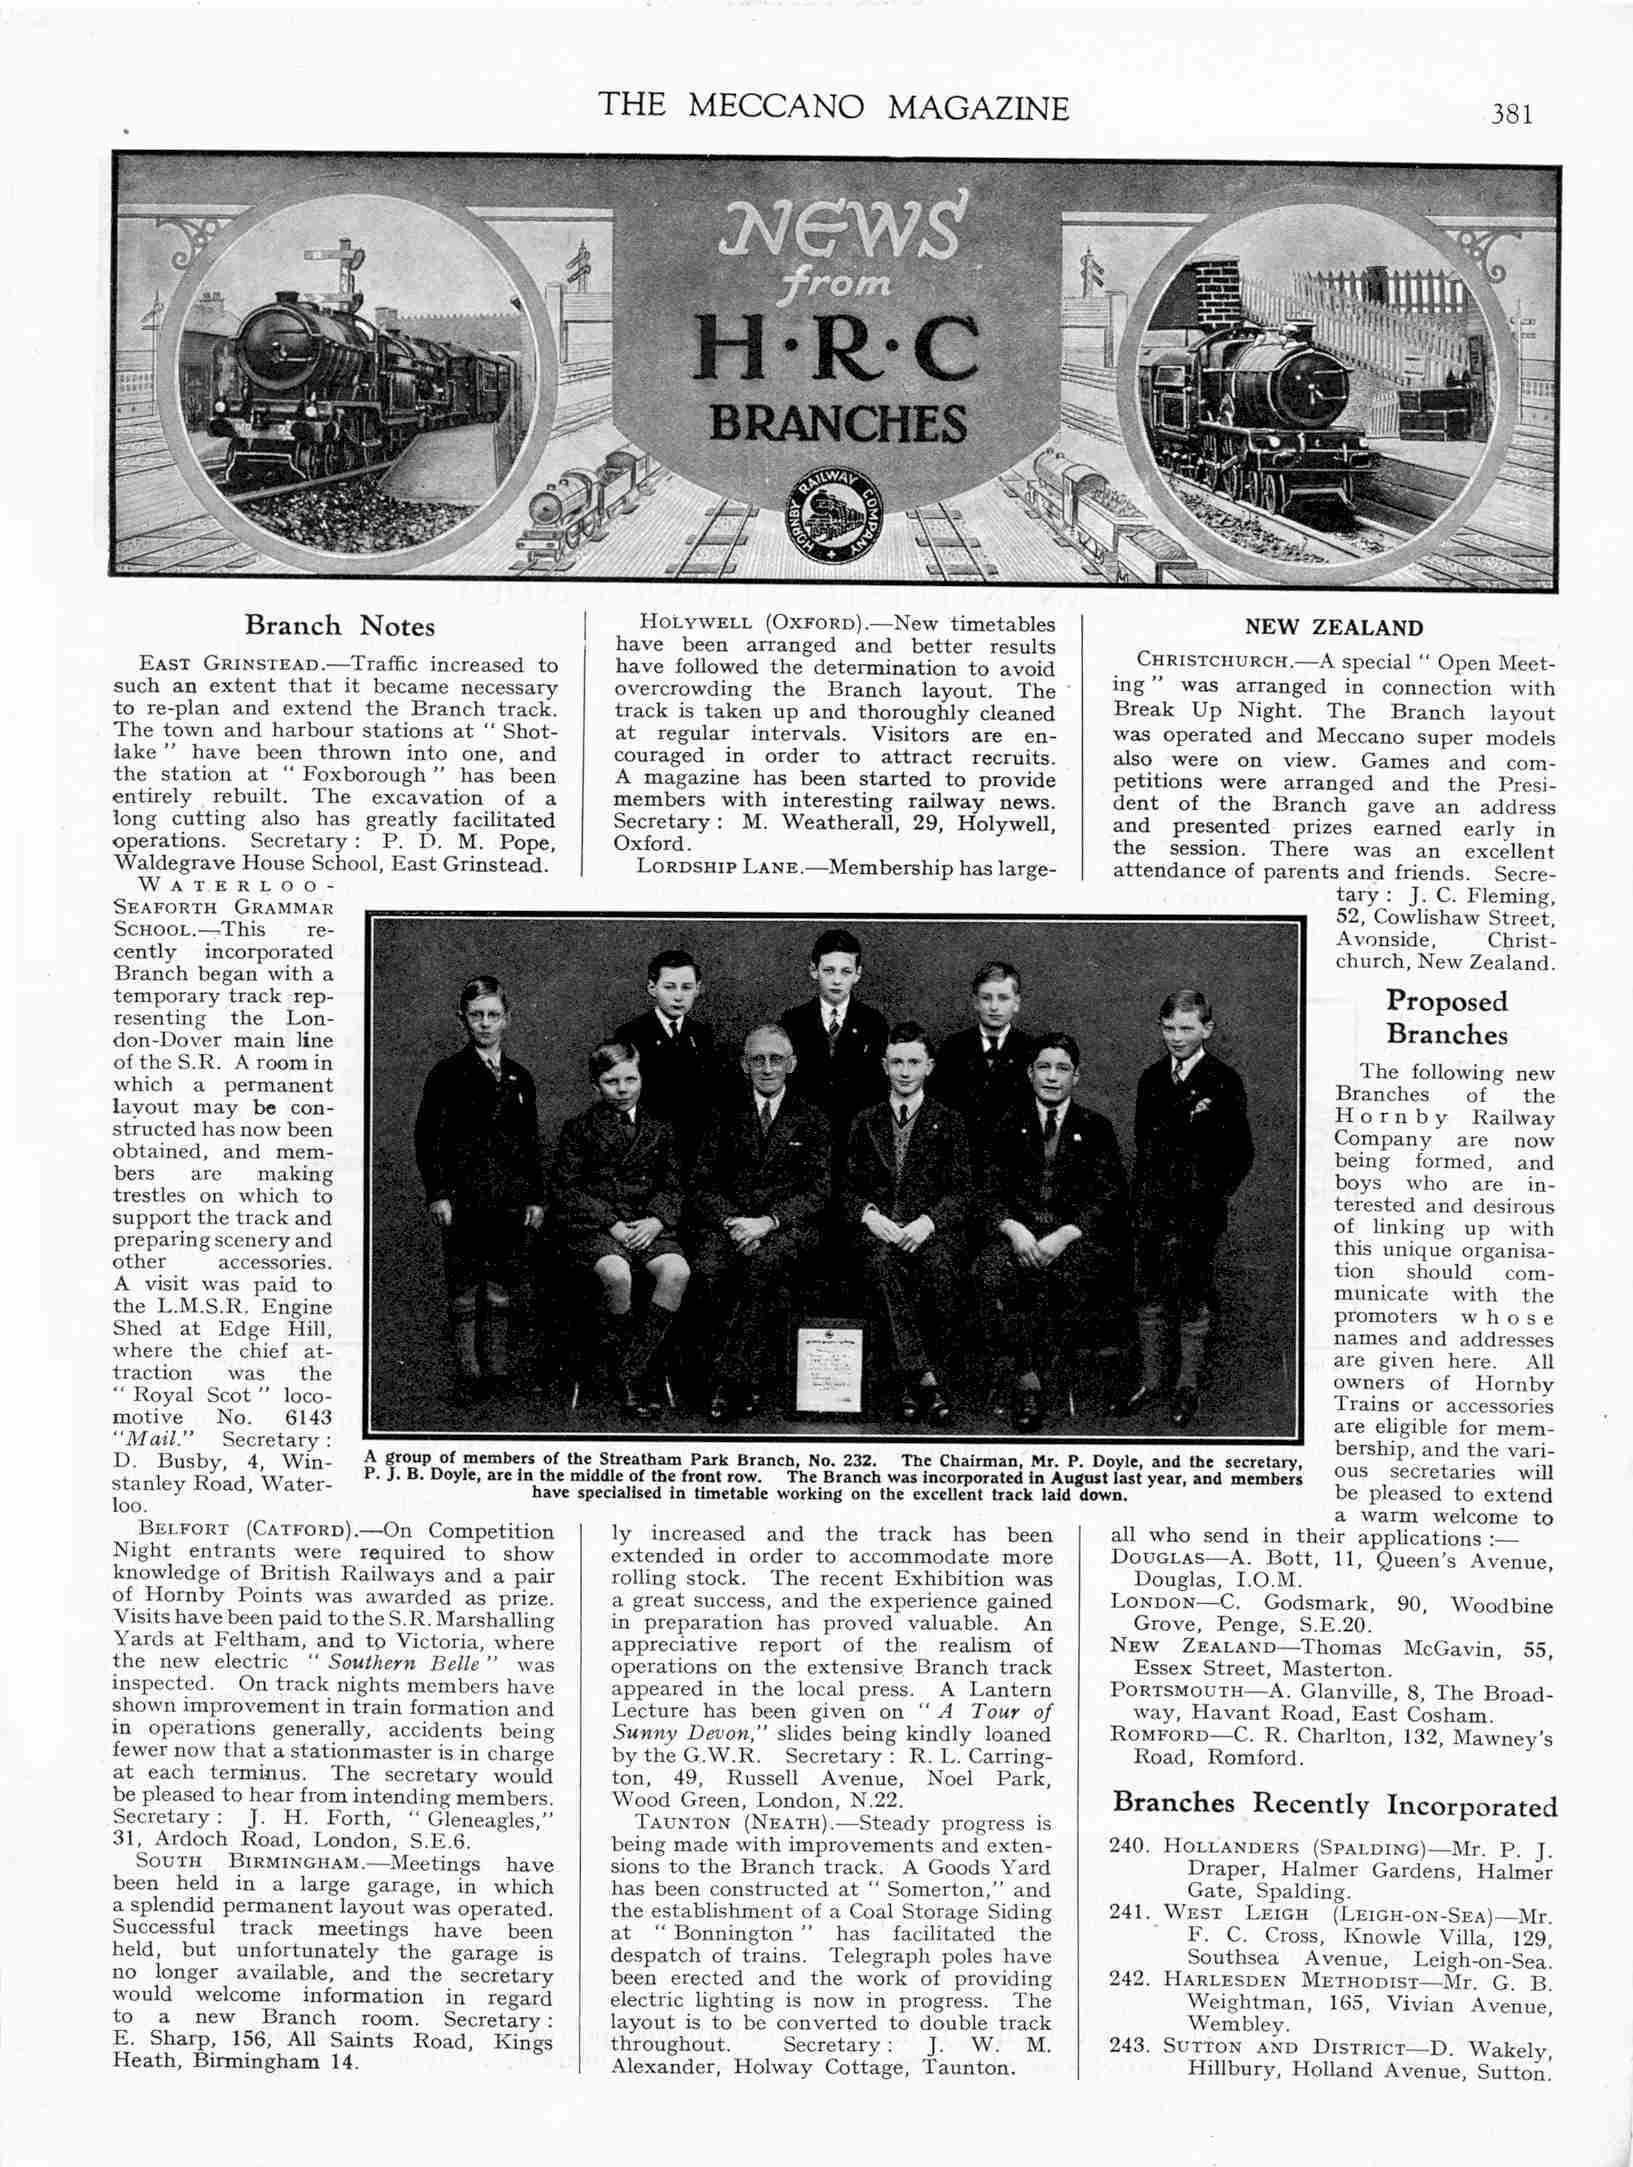 UK Meccano Magazine May 1933 Page 381